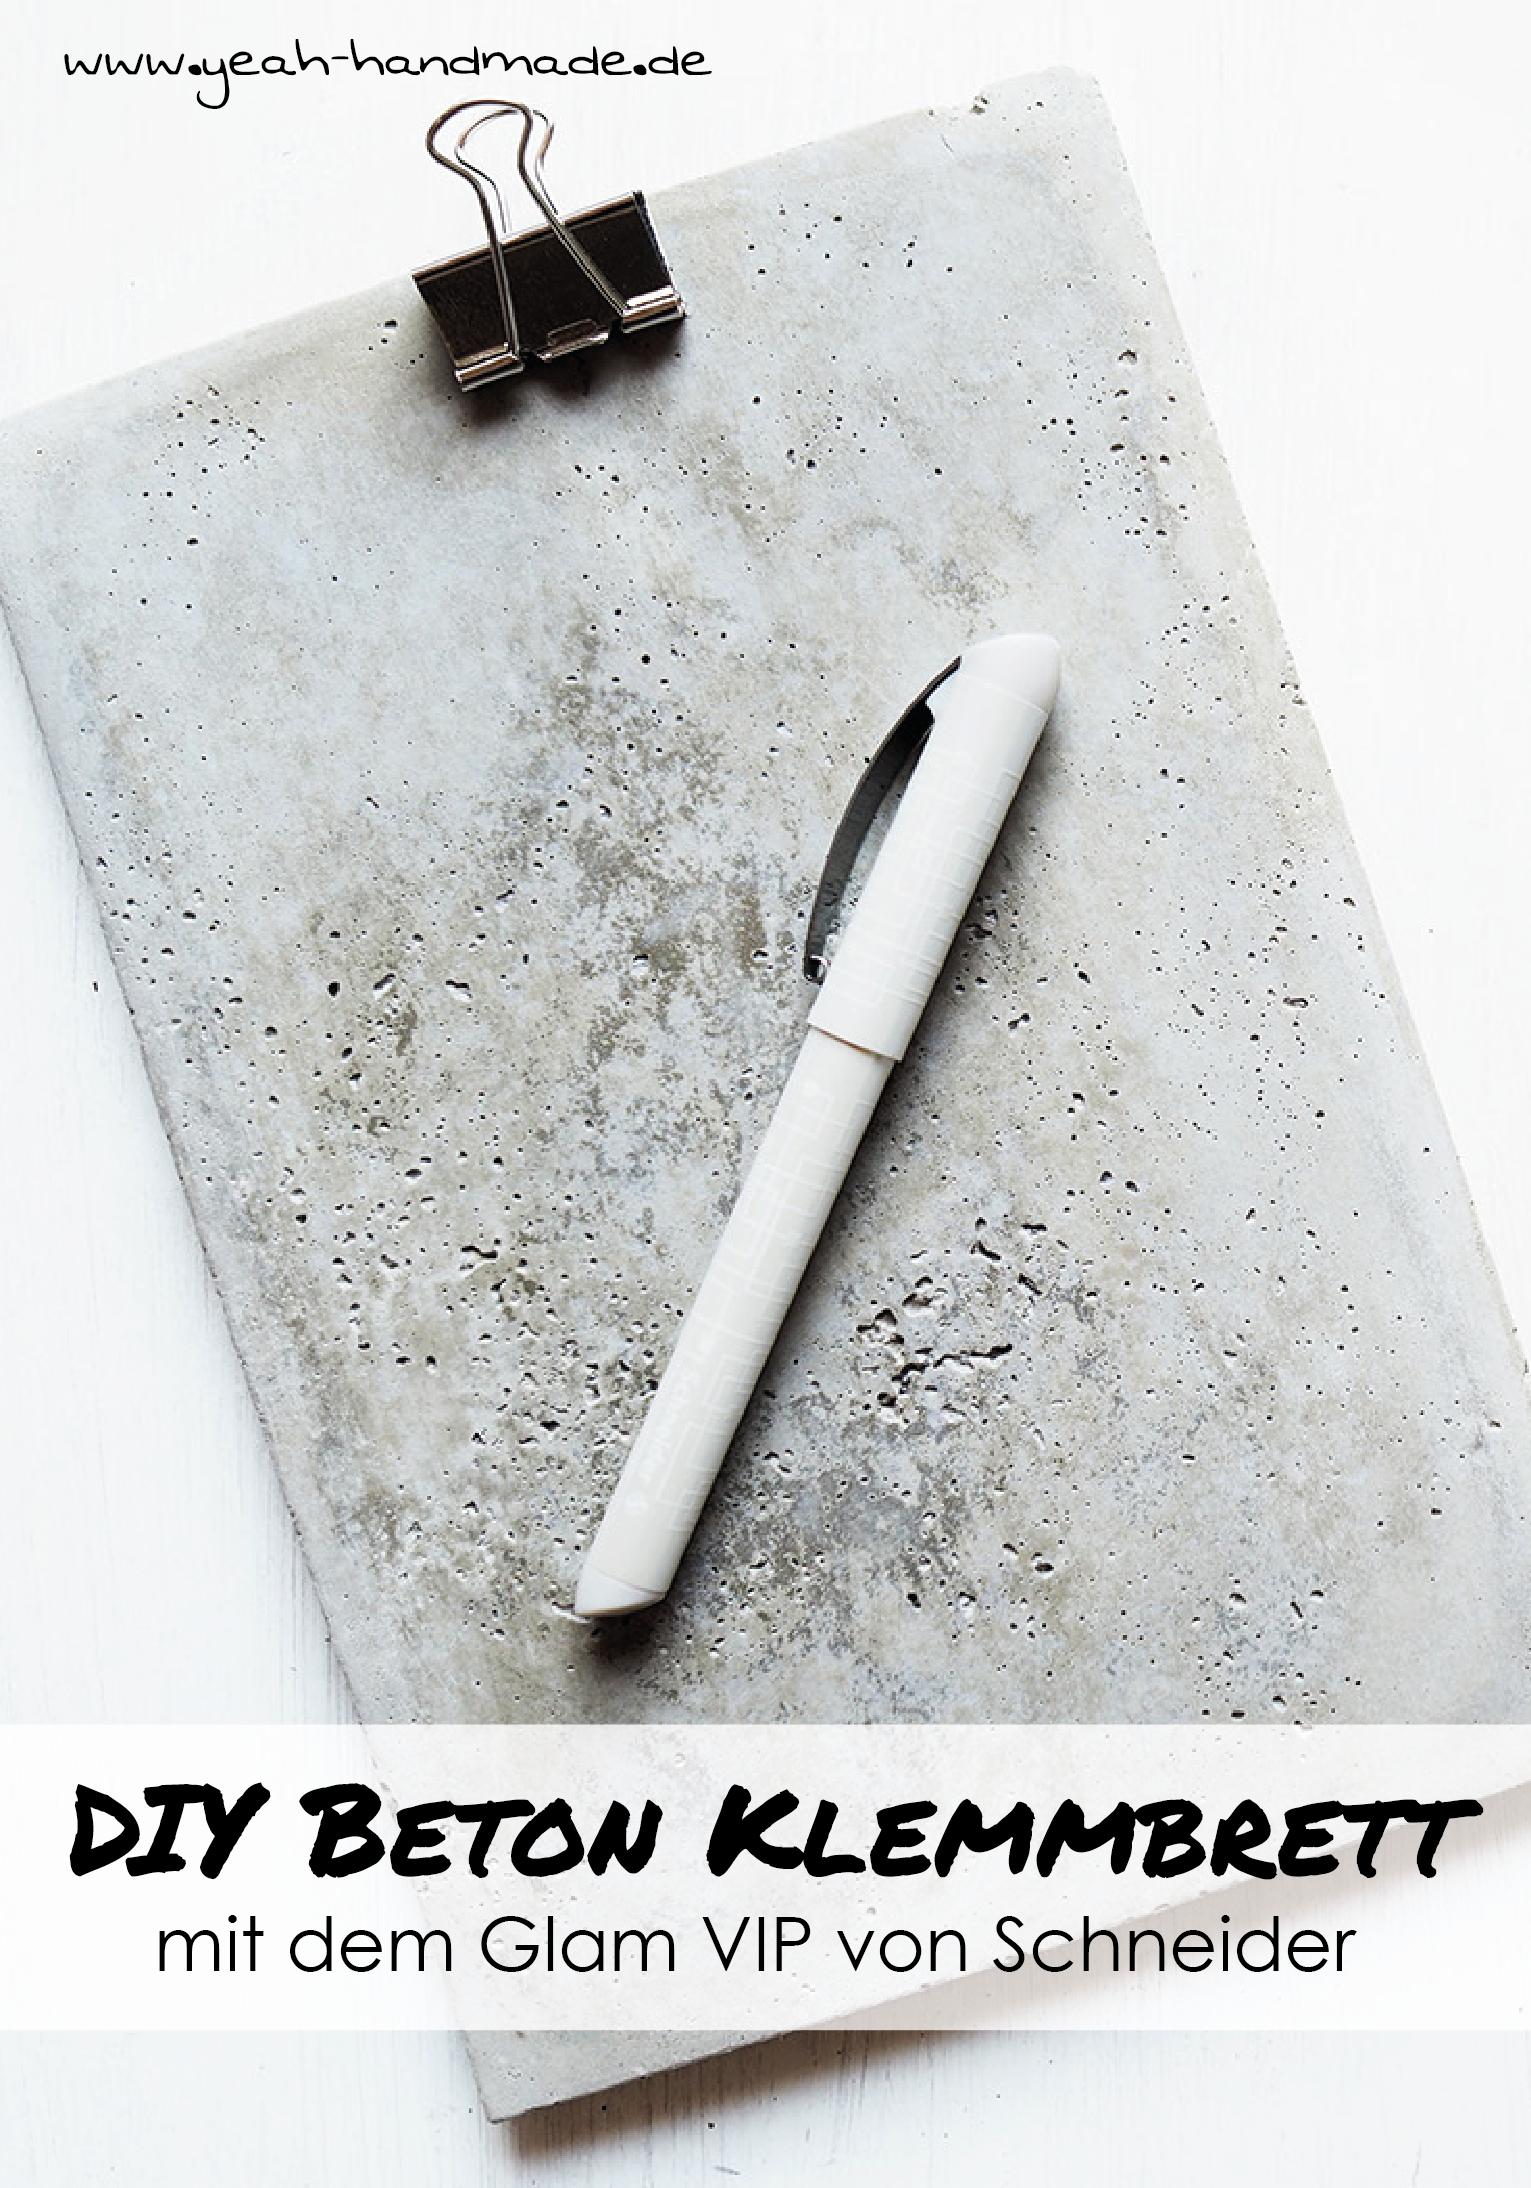 Anzeige] DIY stylisches Klemmbrett aus Beton selbermachen. Perfekt ...